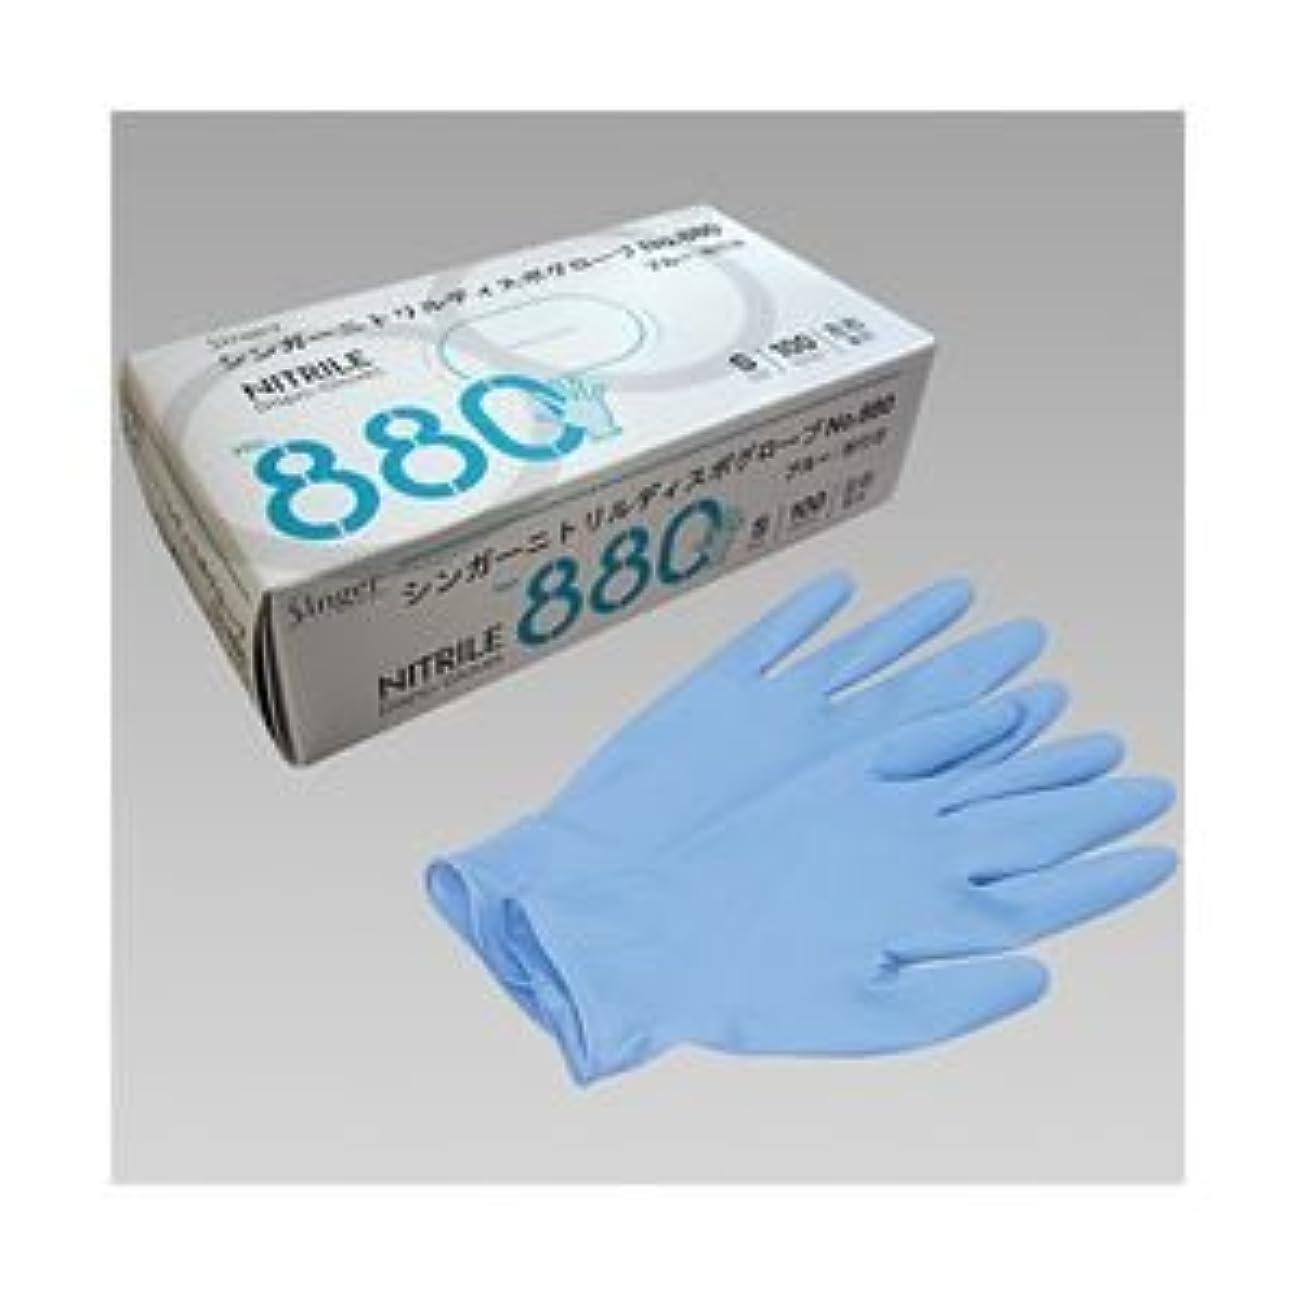 平日口述するビタミン宇都宮製作 ニトリル手袋 粉付き ブルー S 1箱(100枚) ×5セット